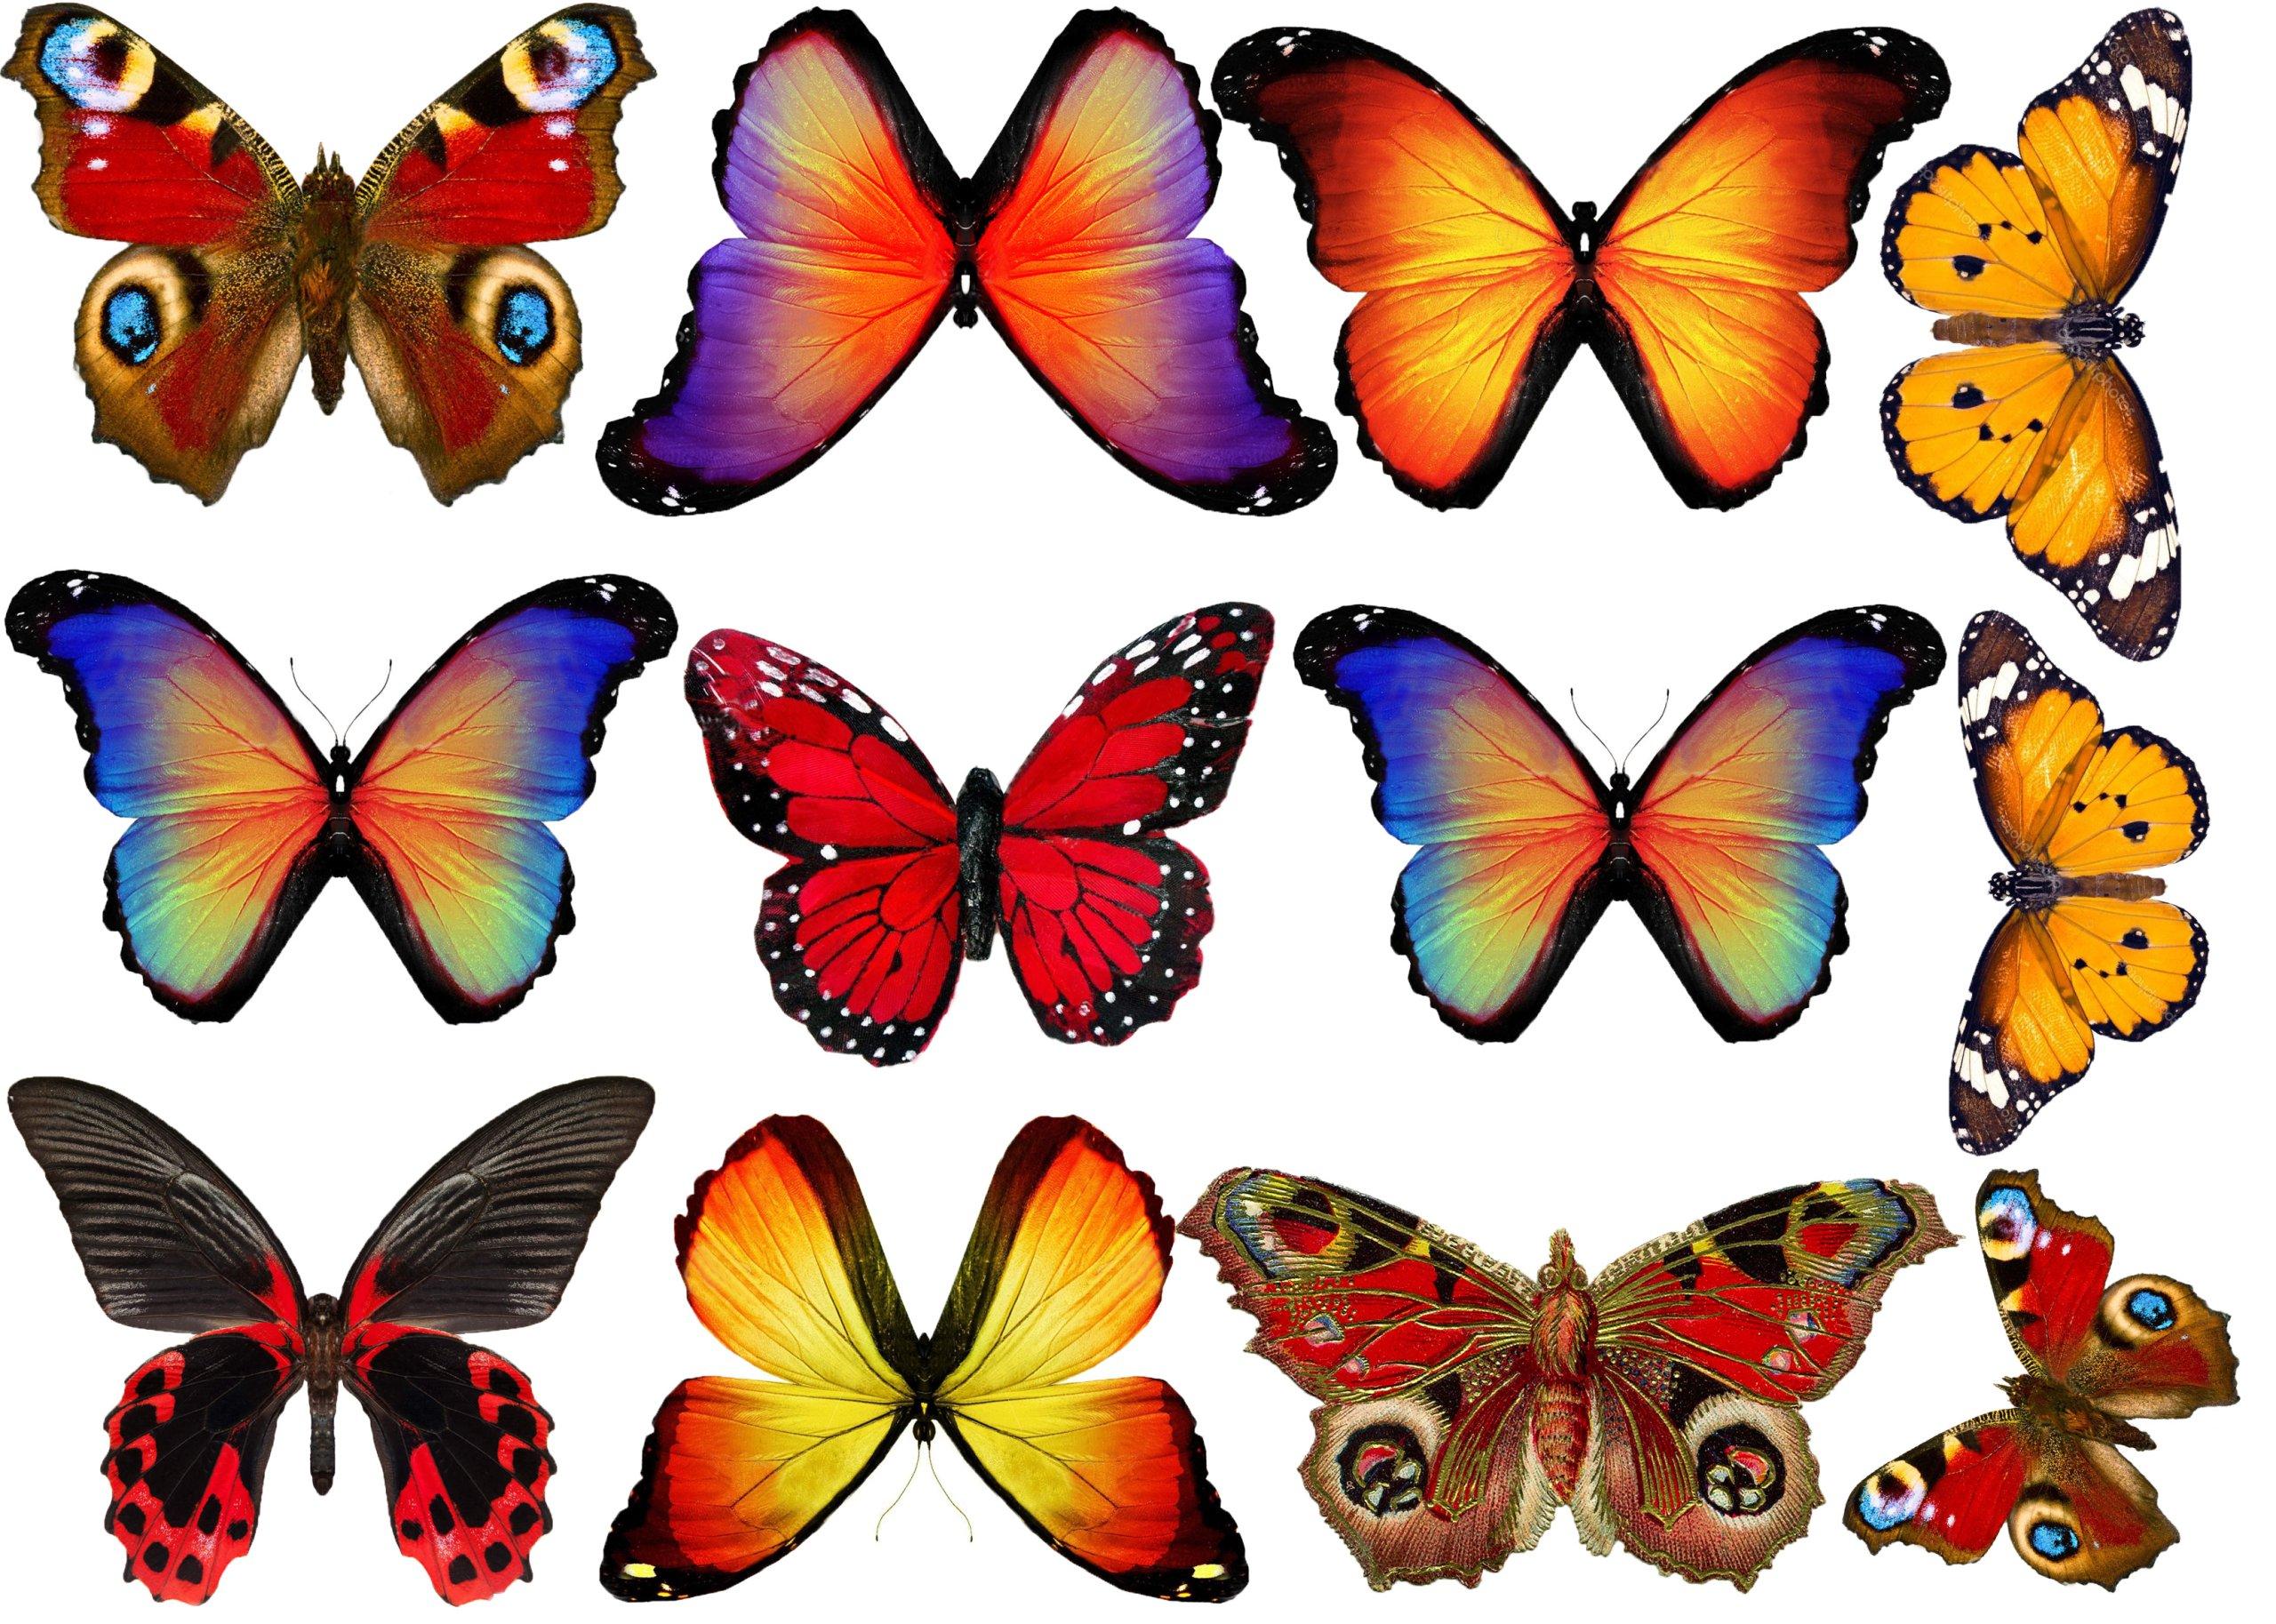 Бабочки для открытки шаблон цветной, скорби фото смешные